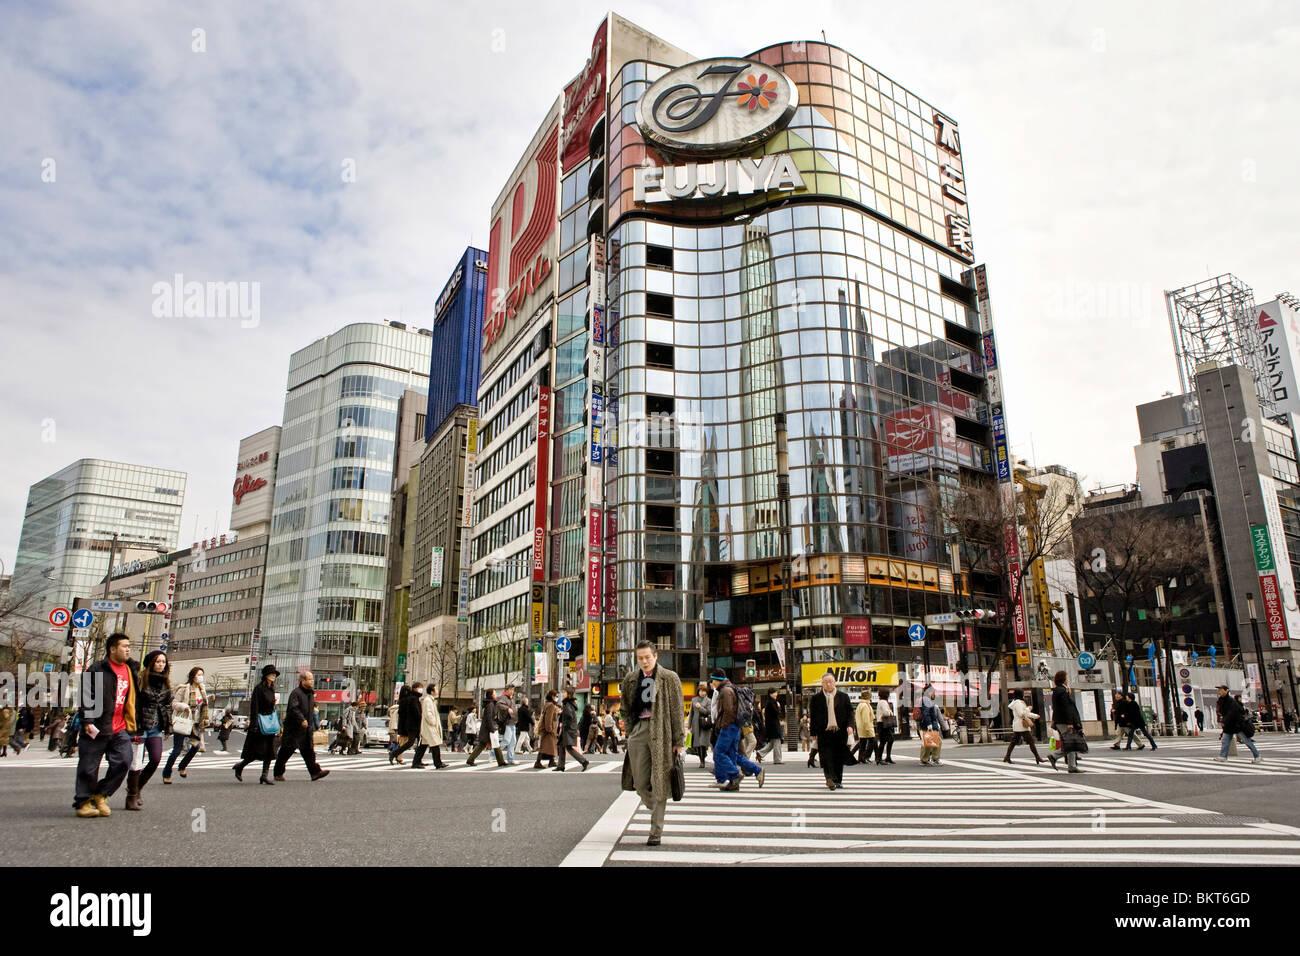 Busy street scene in Tokyo, Japan - Stock Image